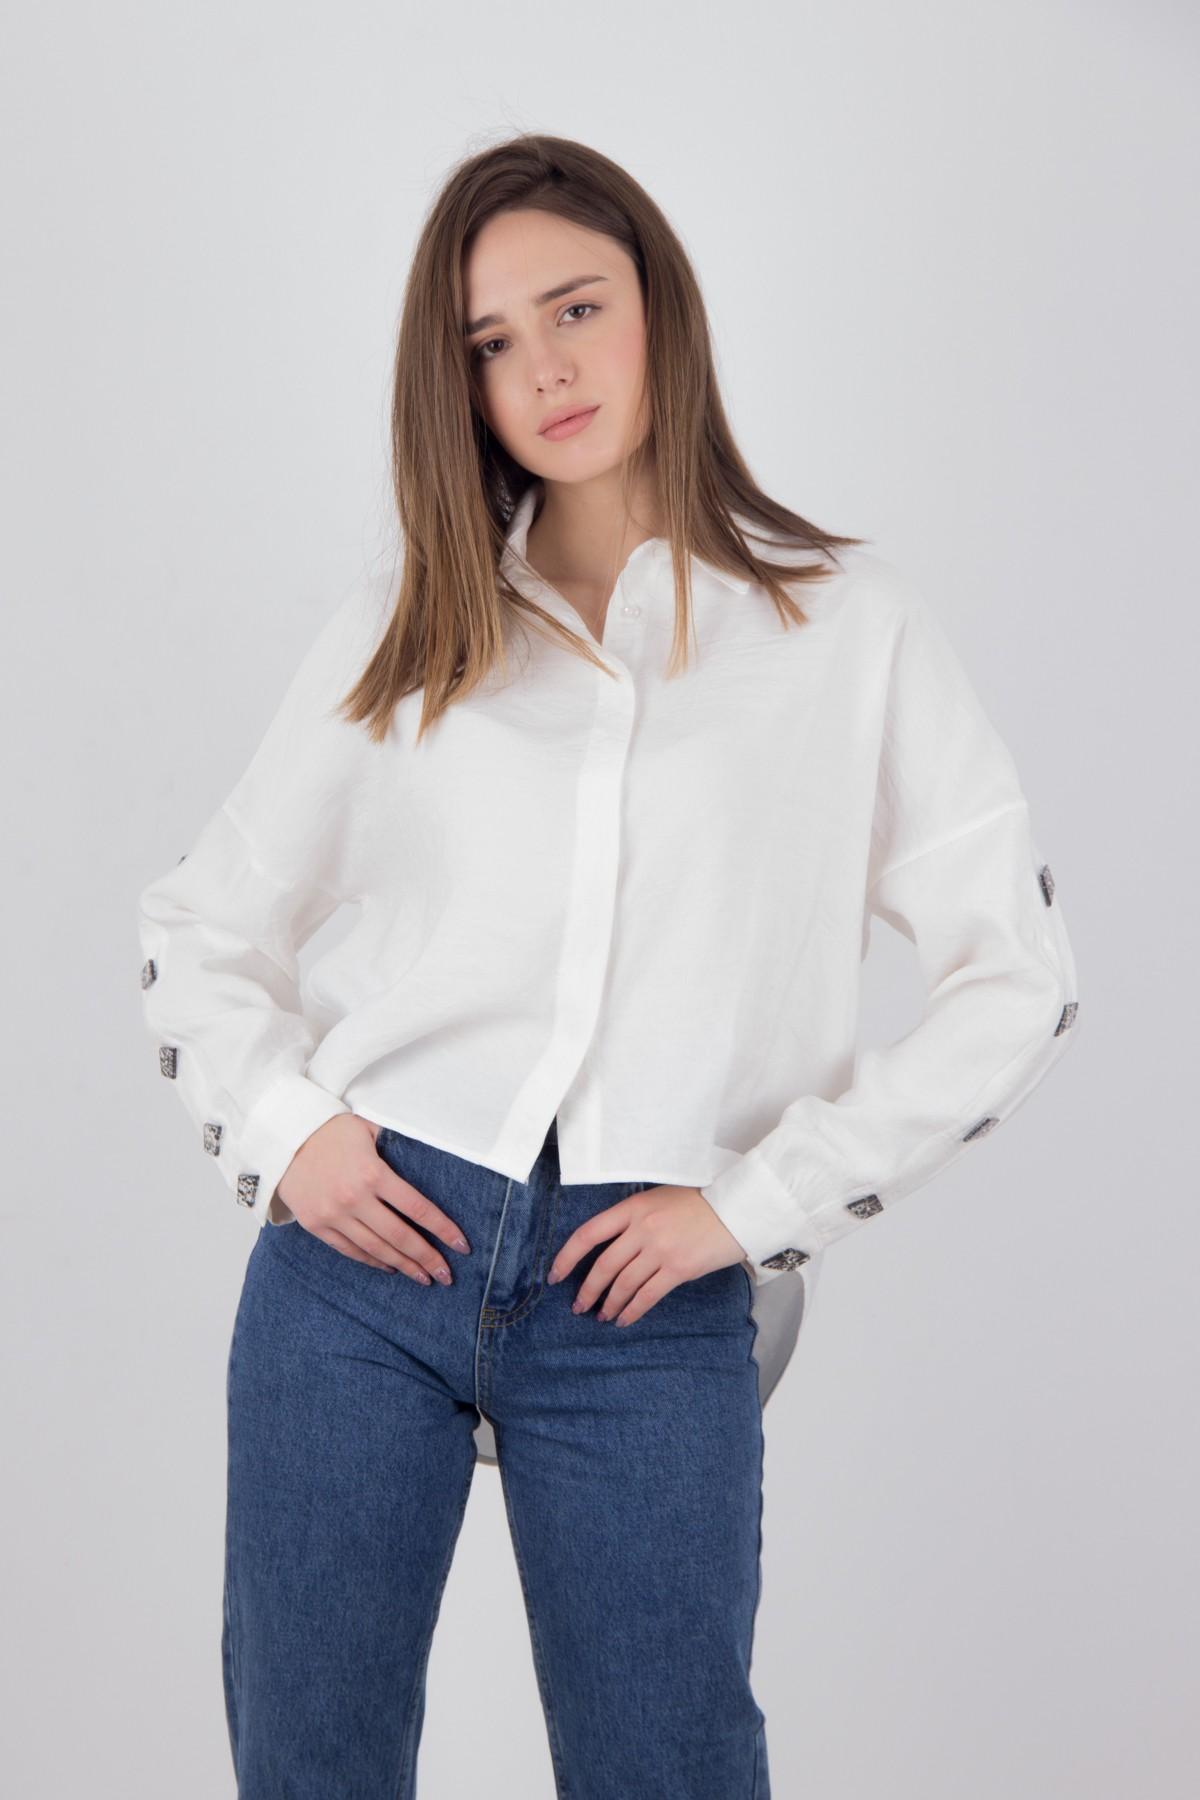 da9c718ac63e ONAGE Γυναικεία πουκαμίσα με διακοσμητικά κουμπιά ΕΚΡΟΥ - Glami.gr